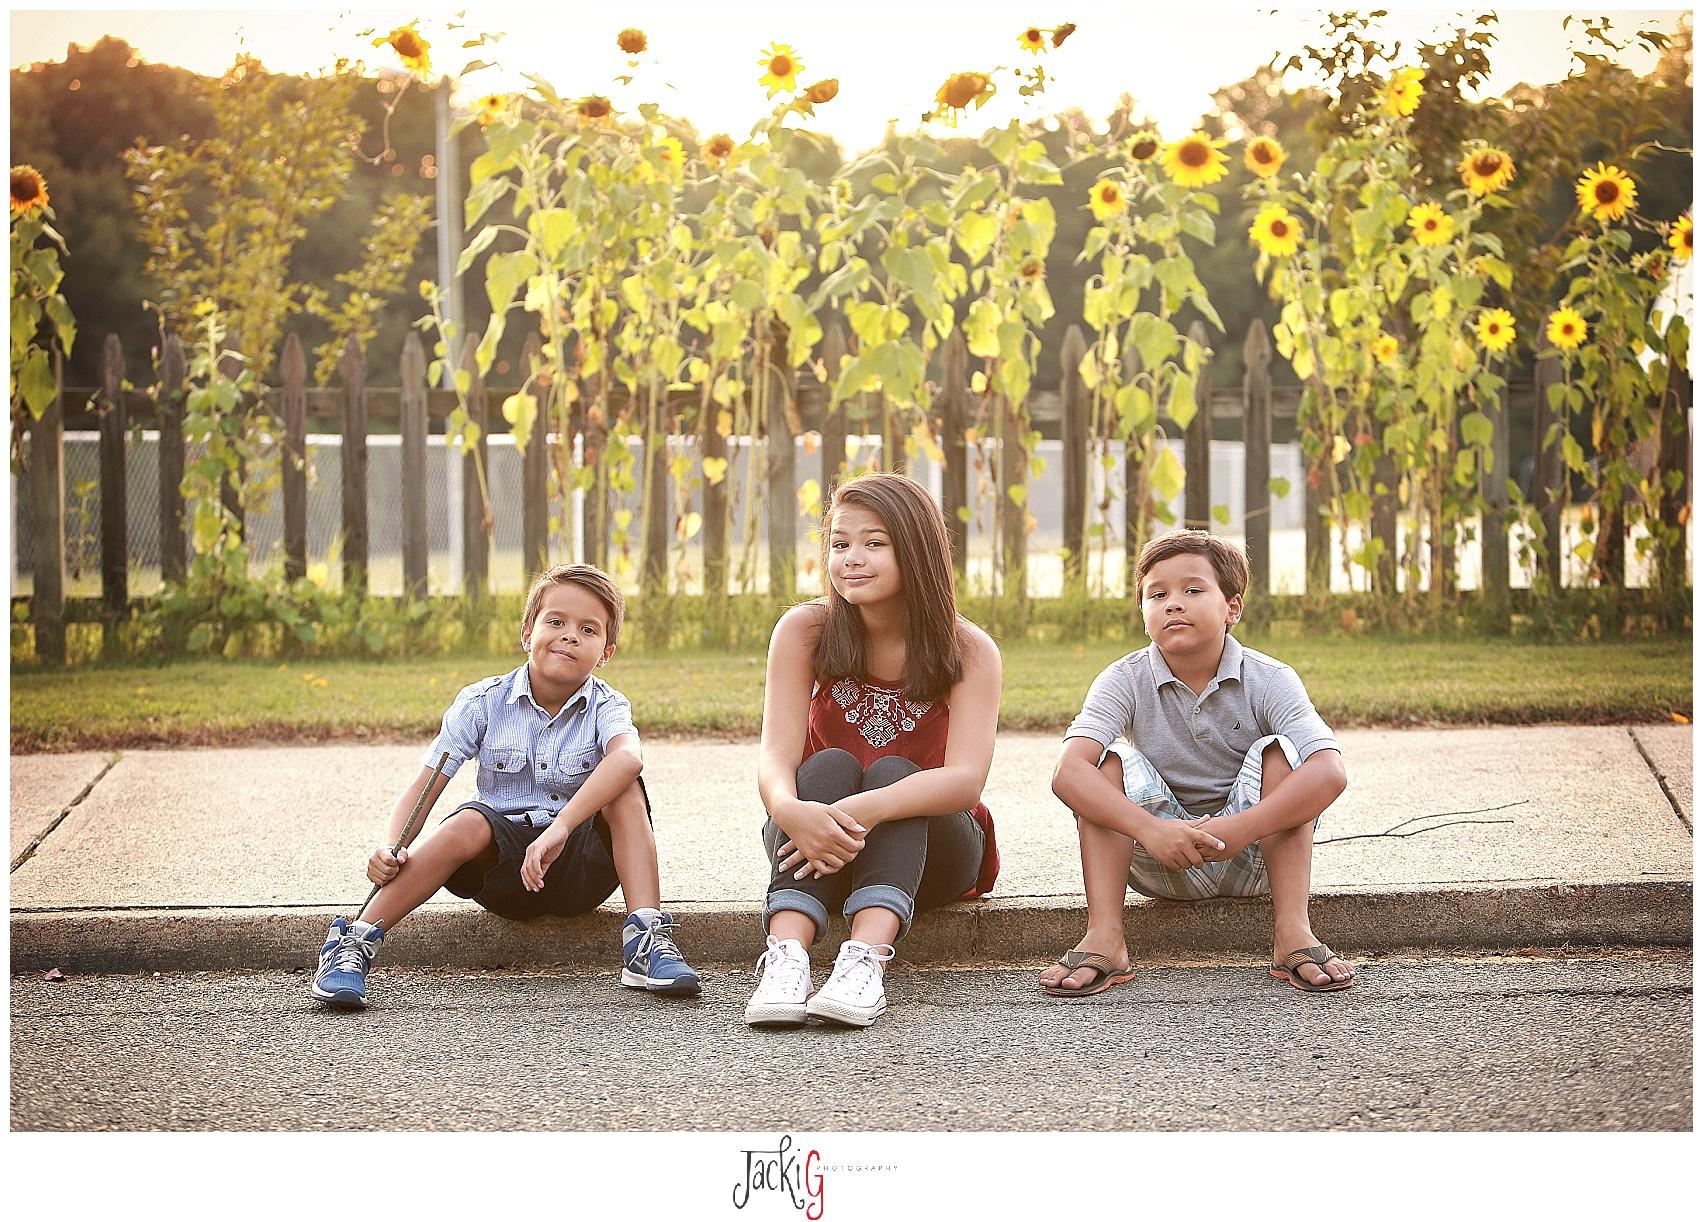 #summerdays #siblings